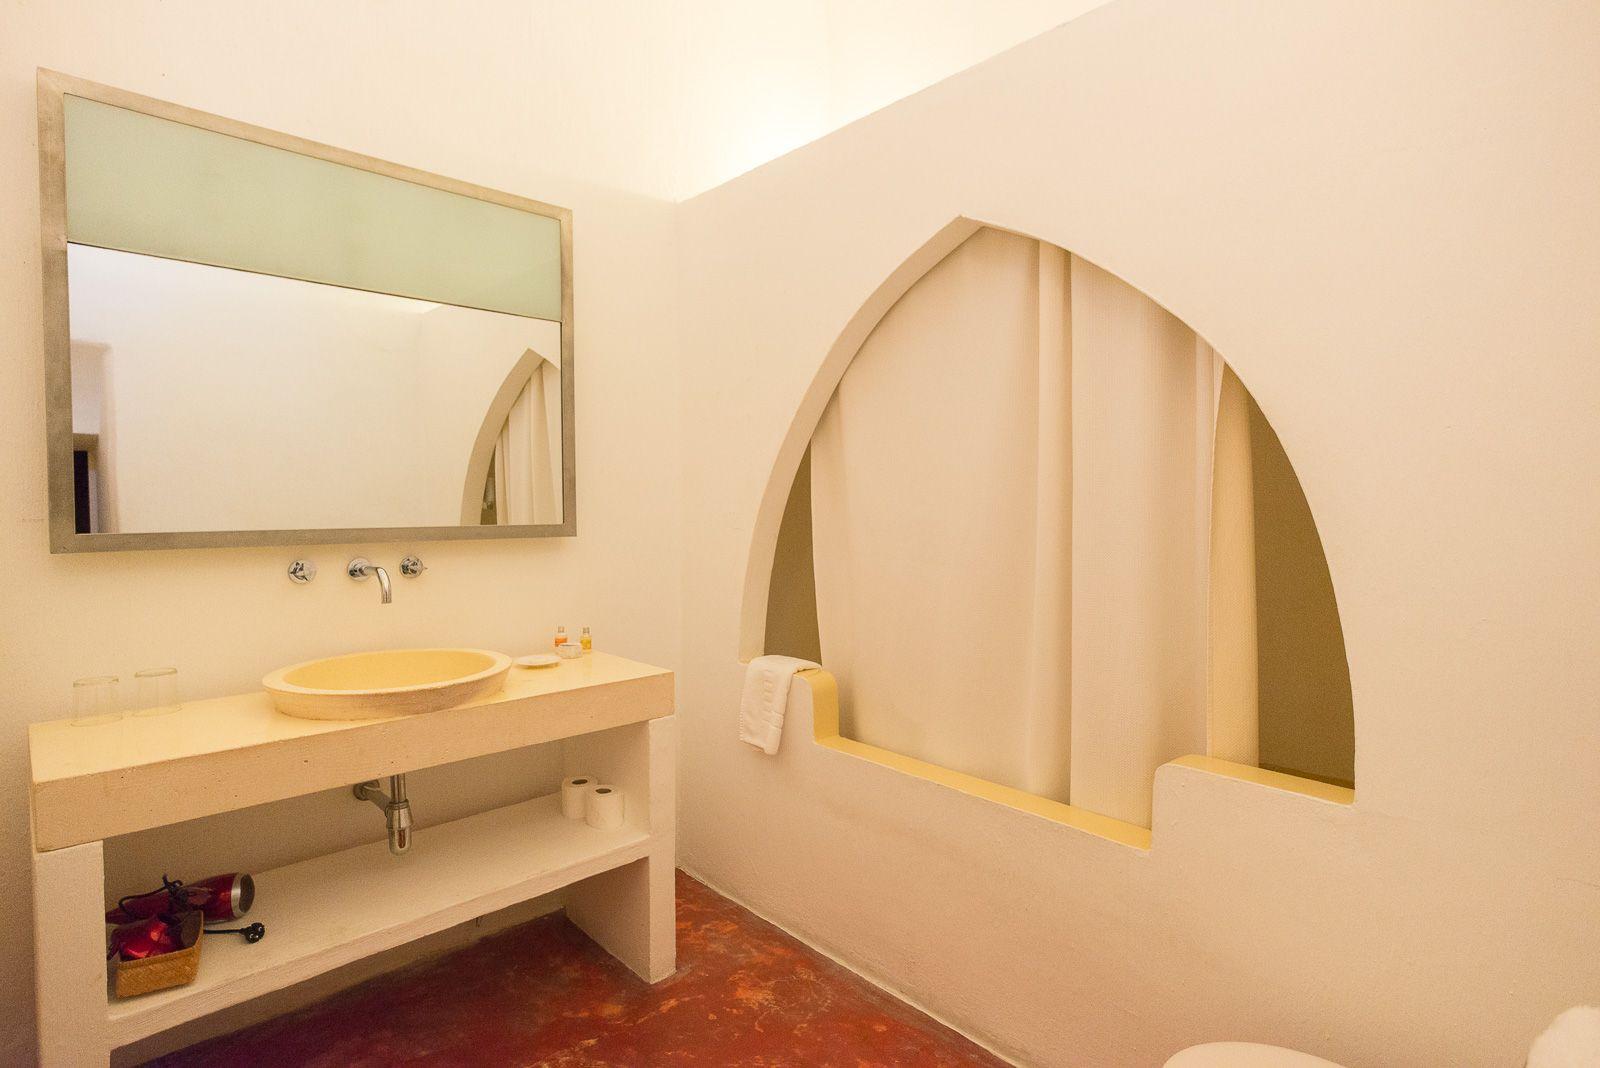 Sant Sebastià - Hotel Tres Sants Rooms